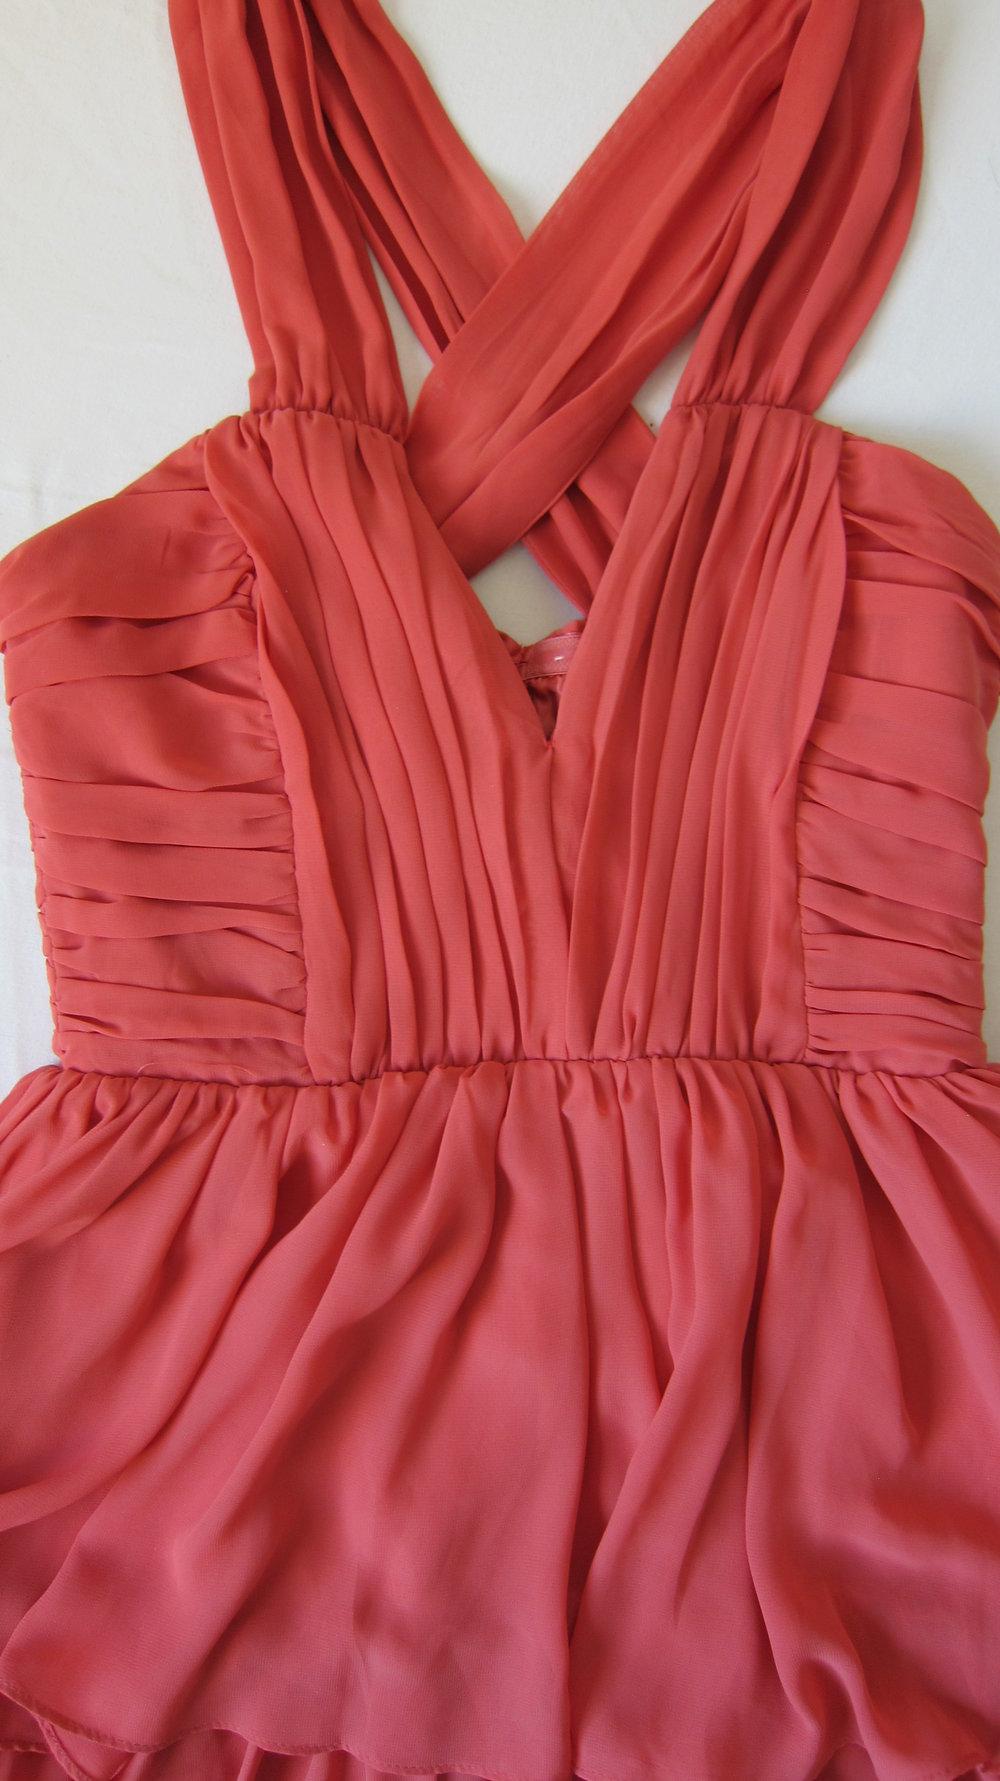 76f1358980c9 Rotes Kleid kurz von H M Größe 34 Sommer    Kleiderkorb.de